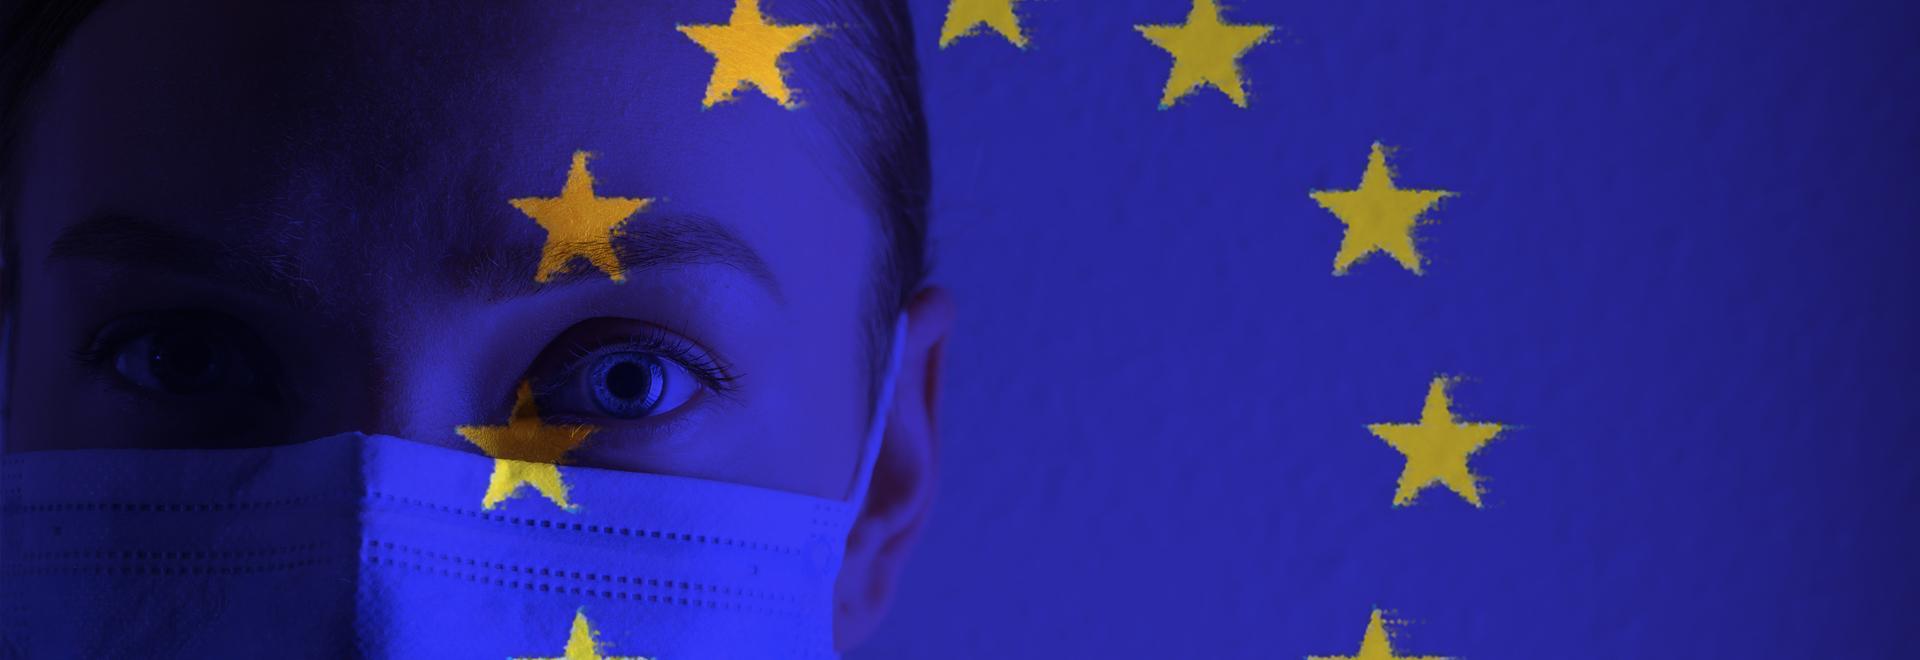 Nuevo Reglamento Europeo de Dispositivos Médicos